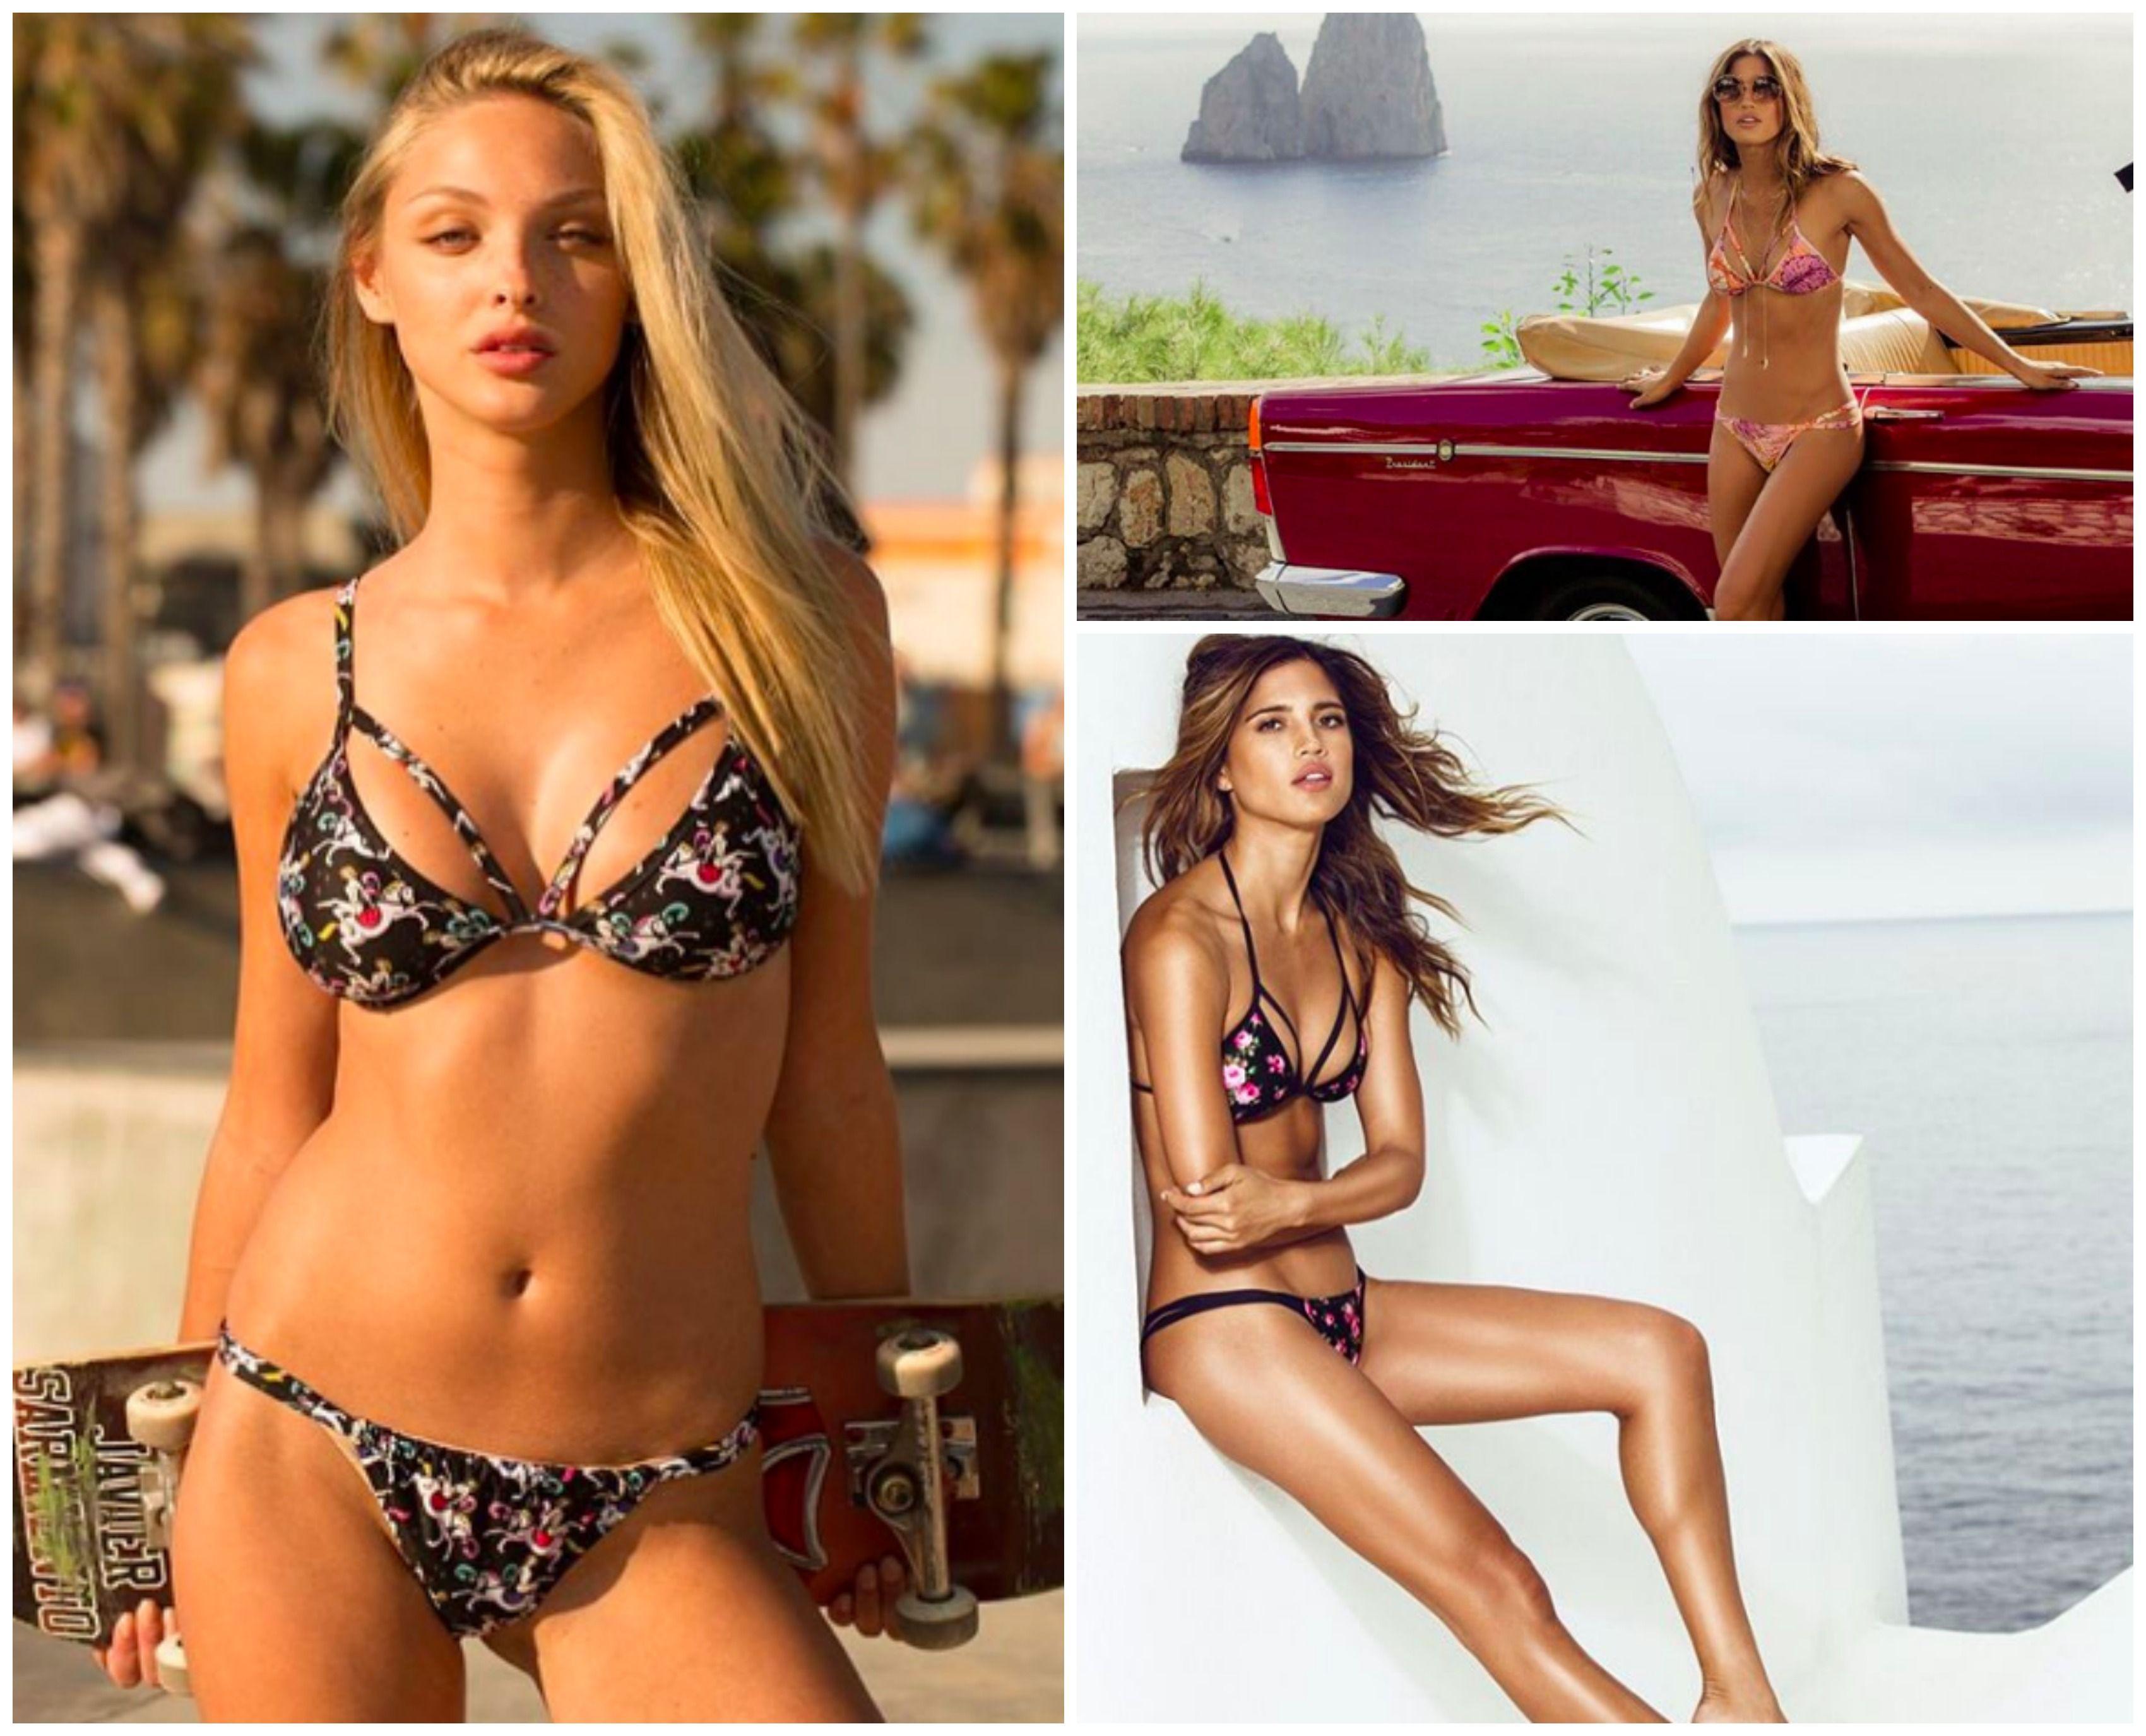 bikini lovers